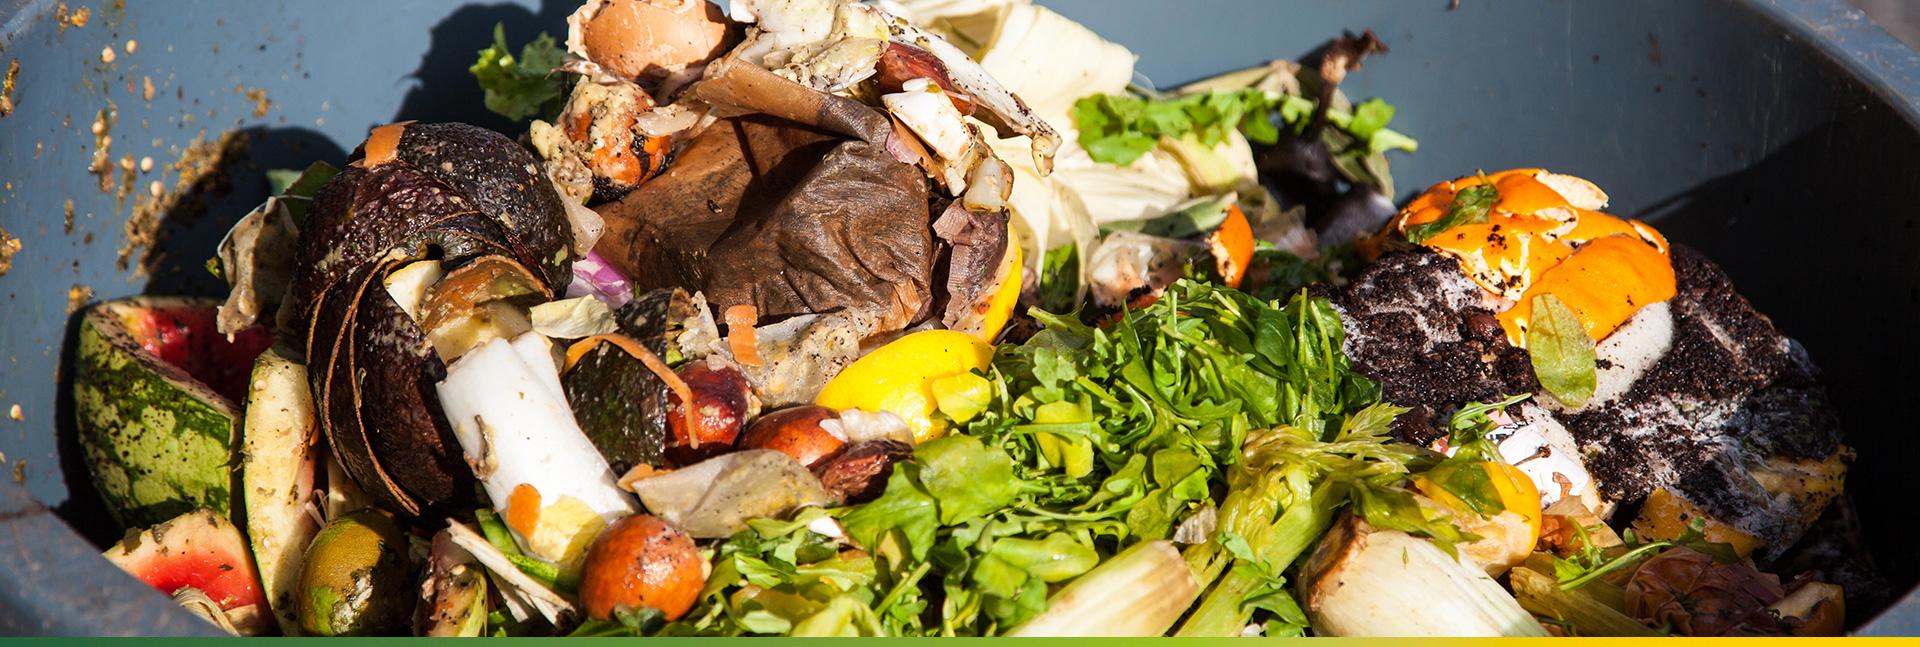 GFL Zero Carbon - Food Waste